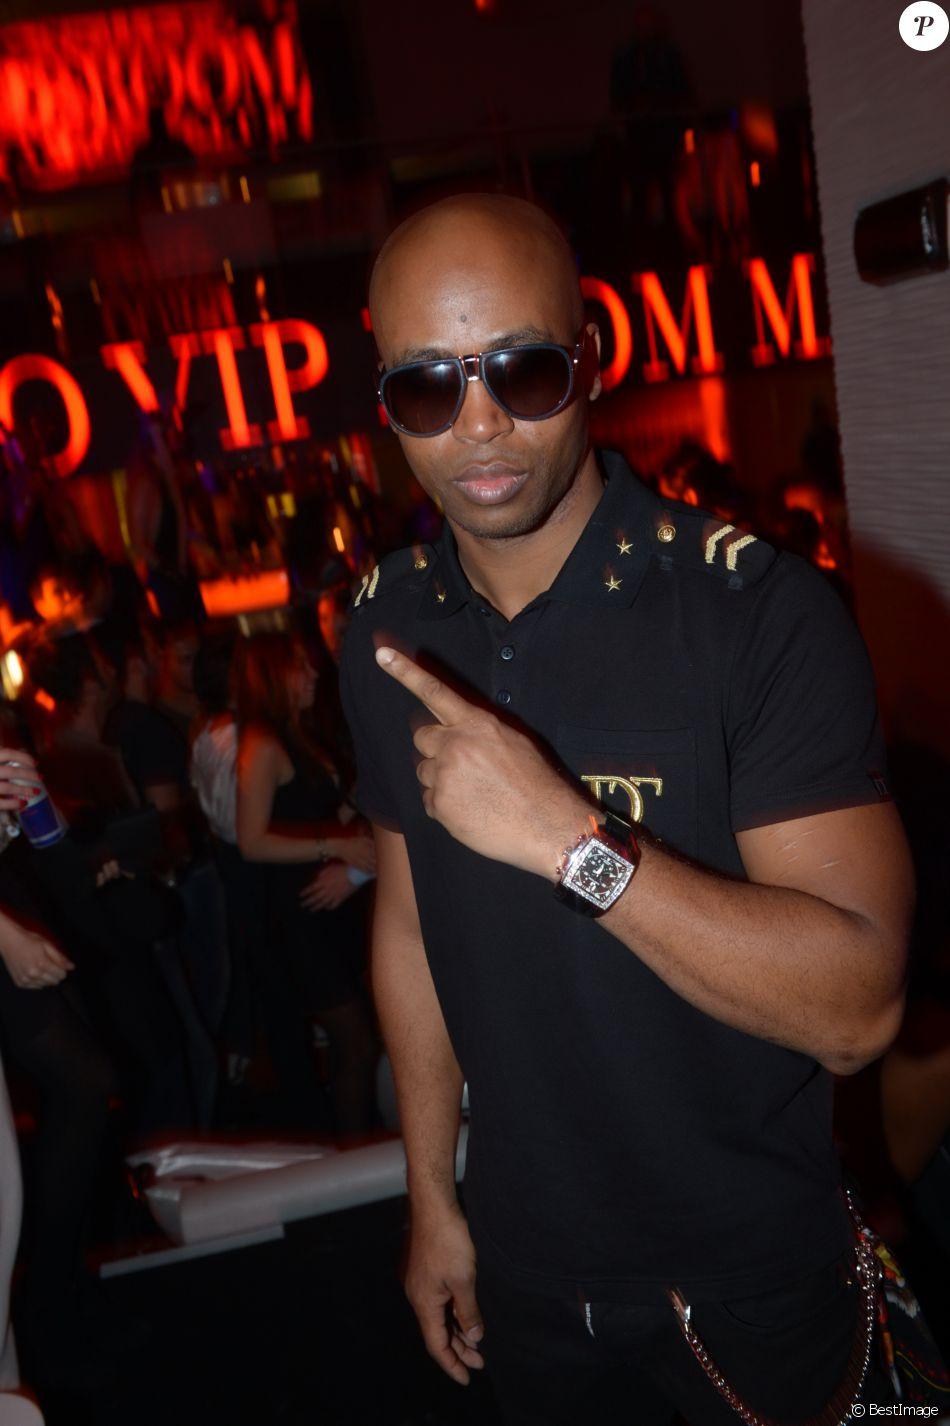 Archive - Rohff lors du reveillon du Nouvel An 2013 au VIP Room Marrakech, le 31 decembre 2012.